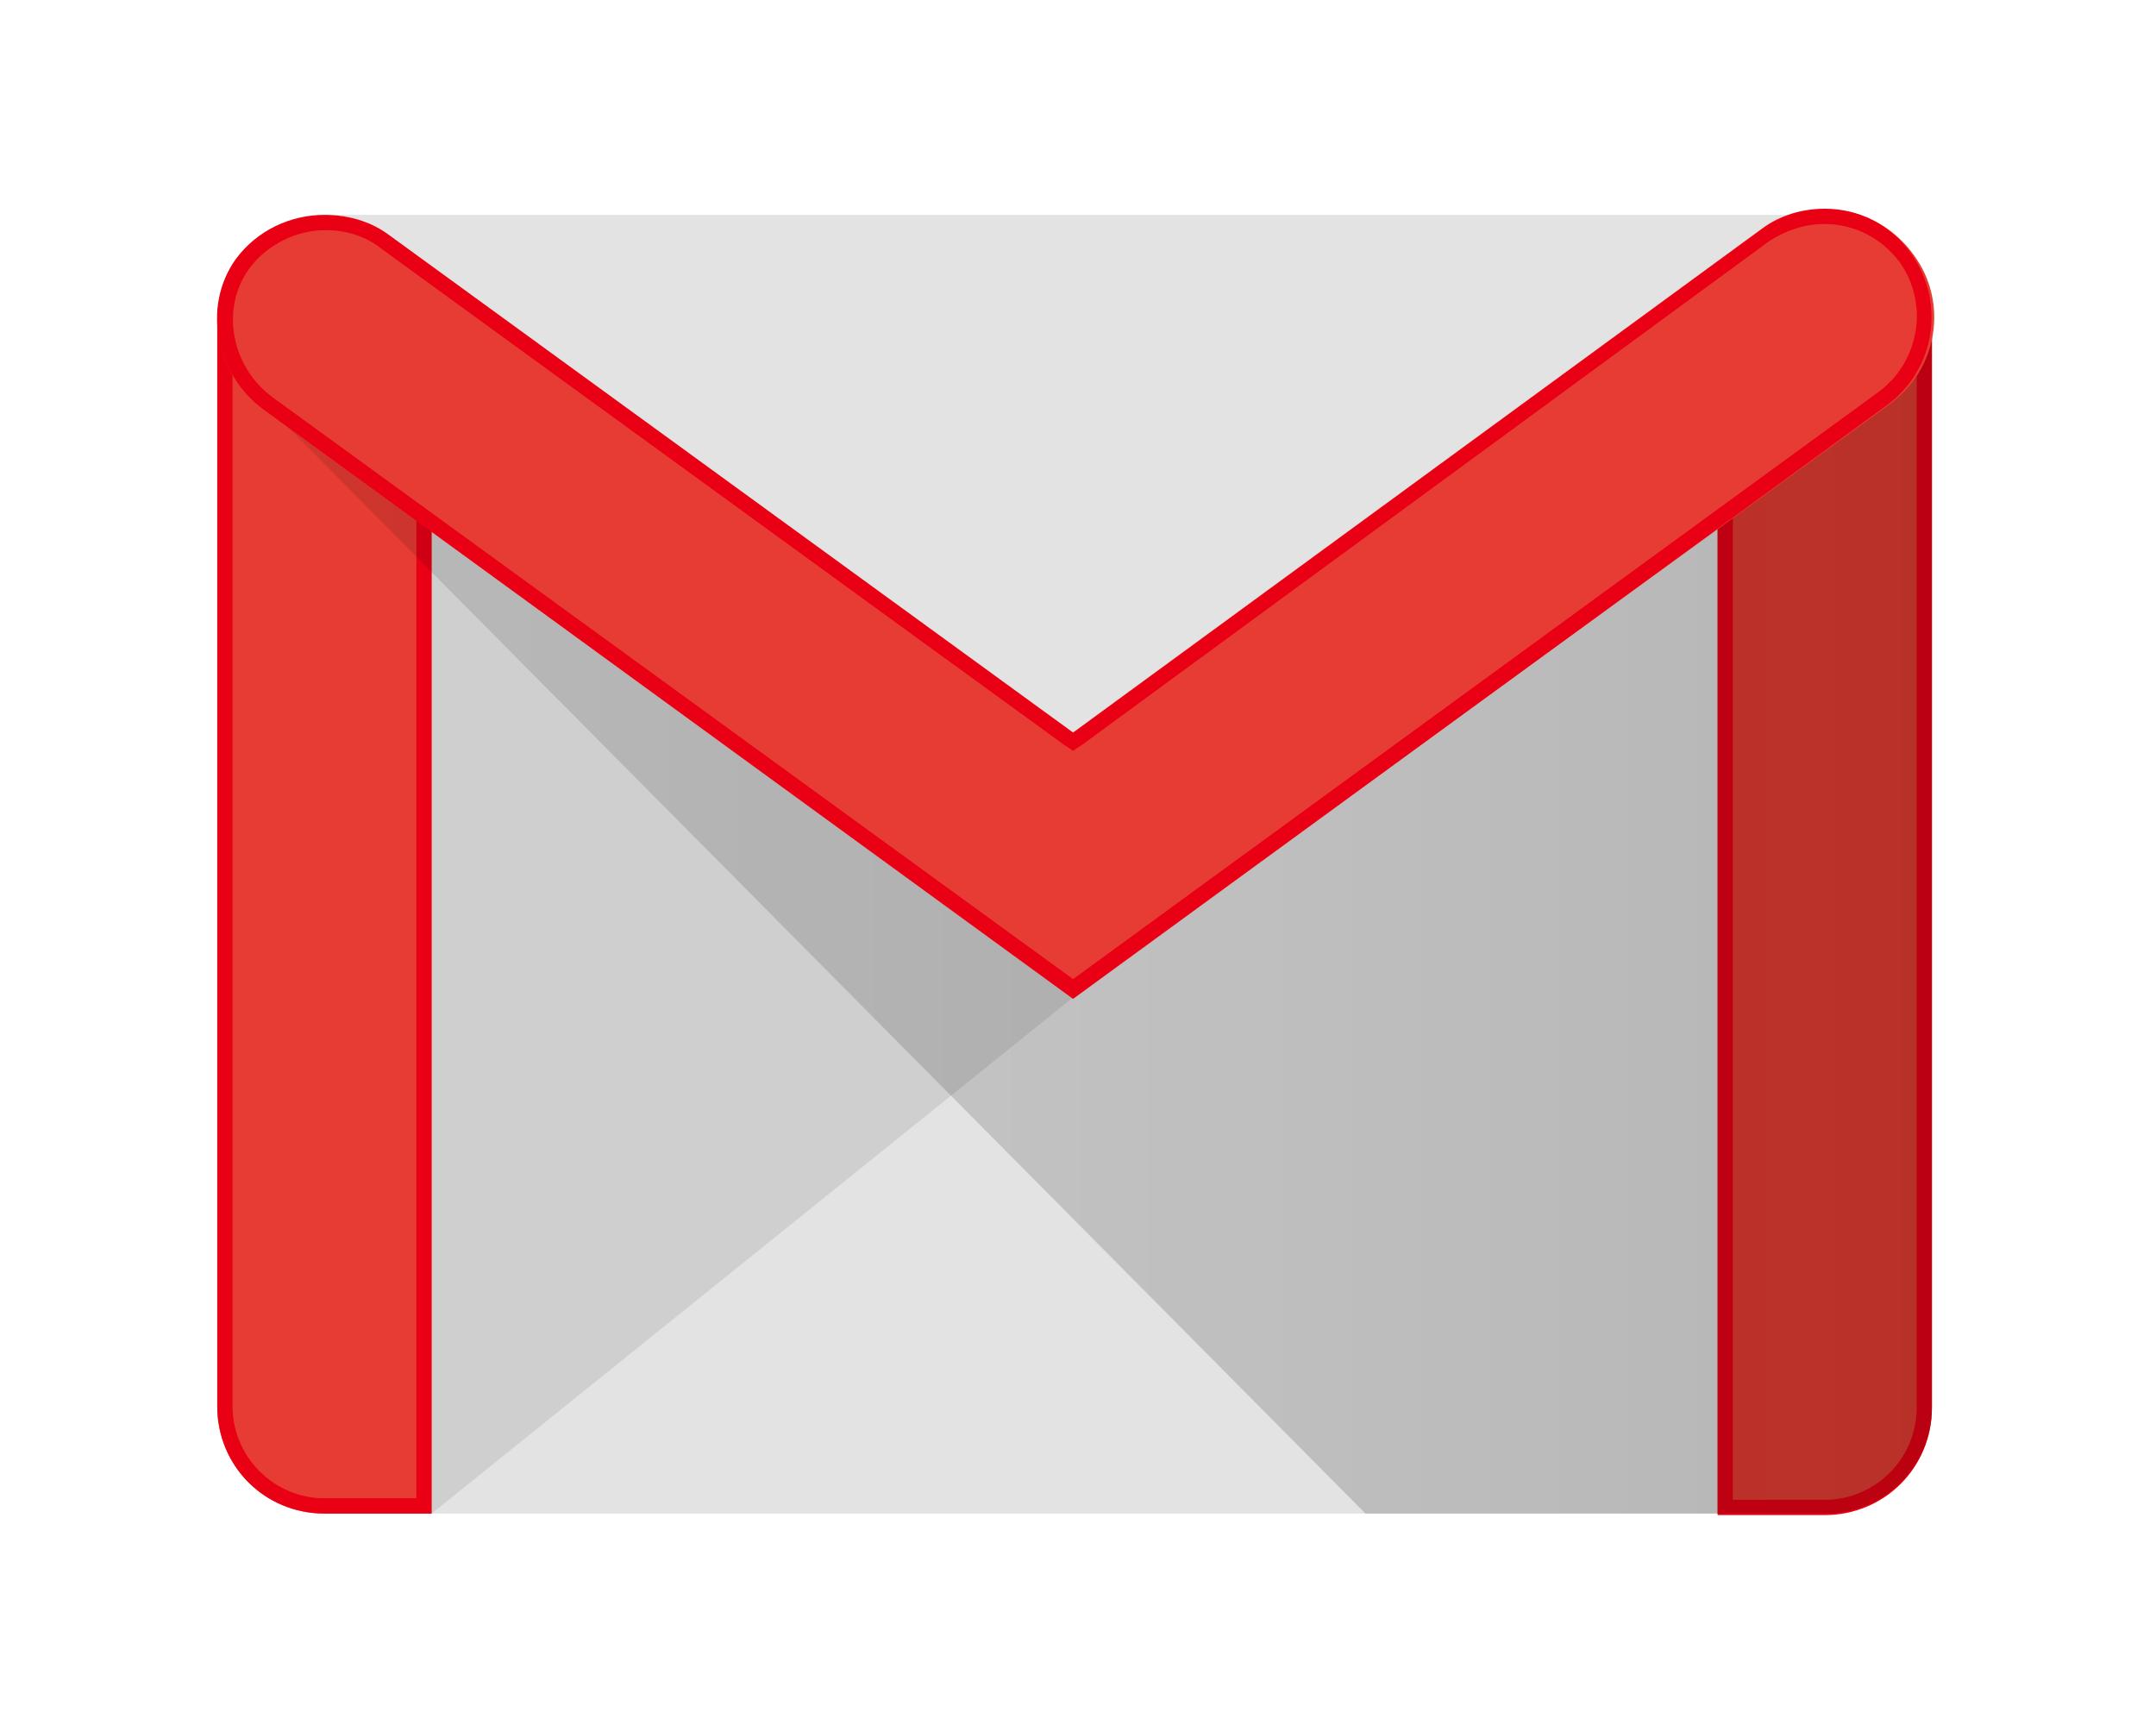 Logo von Gmail, Bild: Google